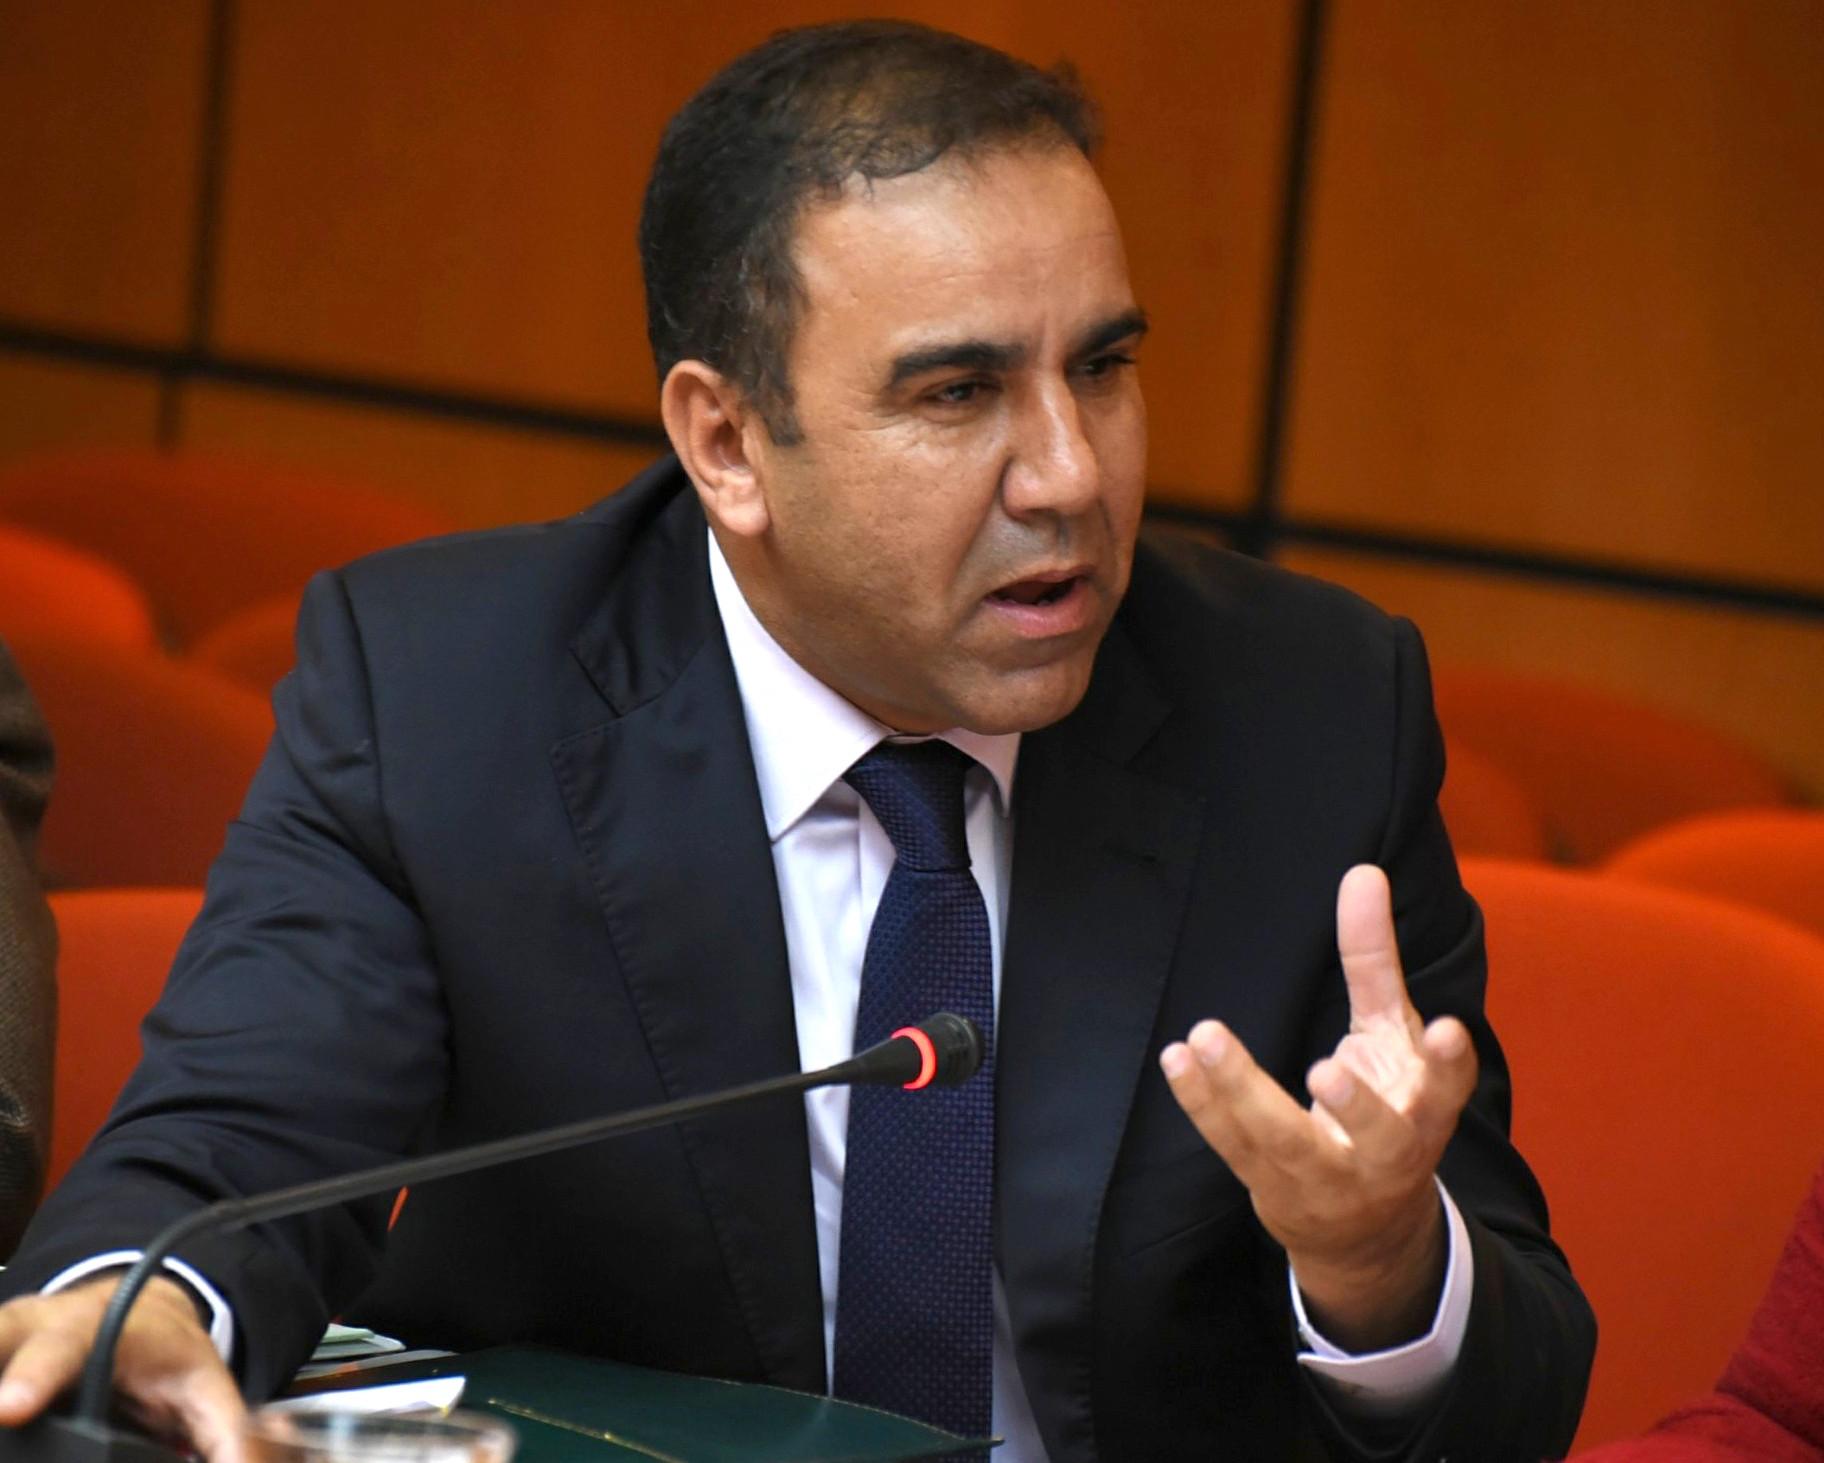 الأخ عبد العزيز لشهب :انشغال الحكومة بصراعاتها الداخلية على حساب معاناة المواطنين مع غلاء الاسعار